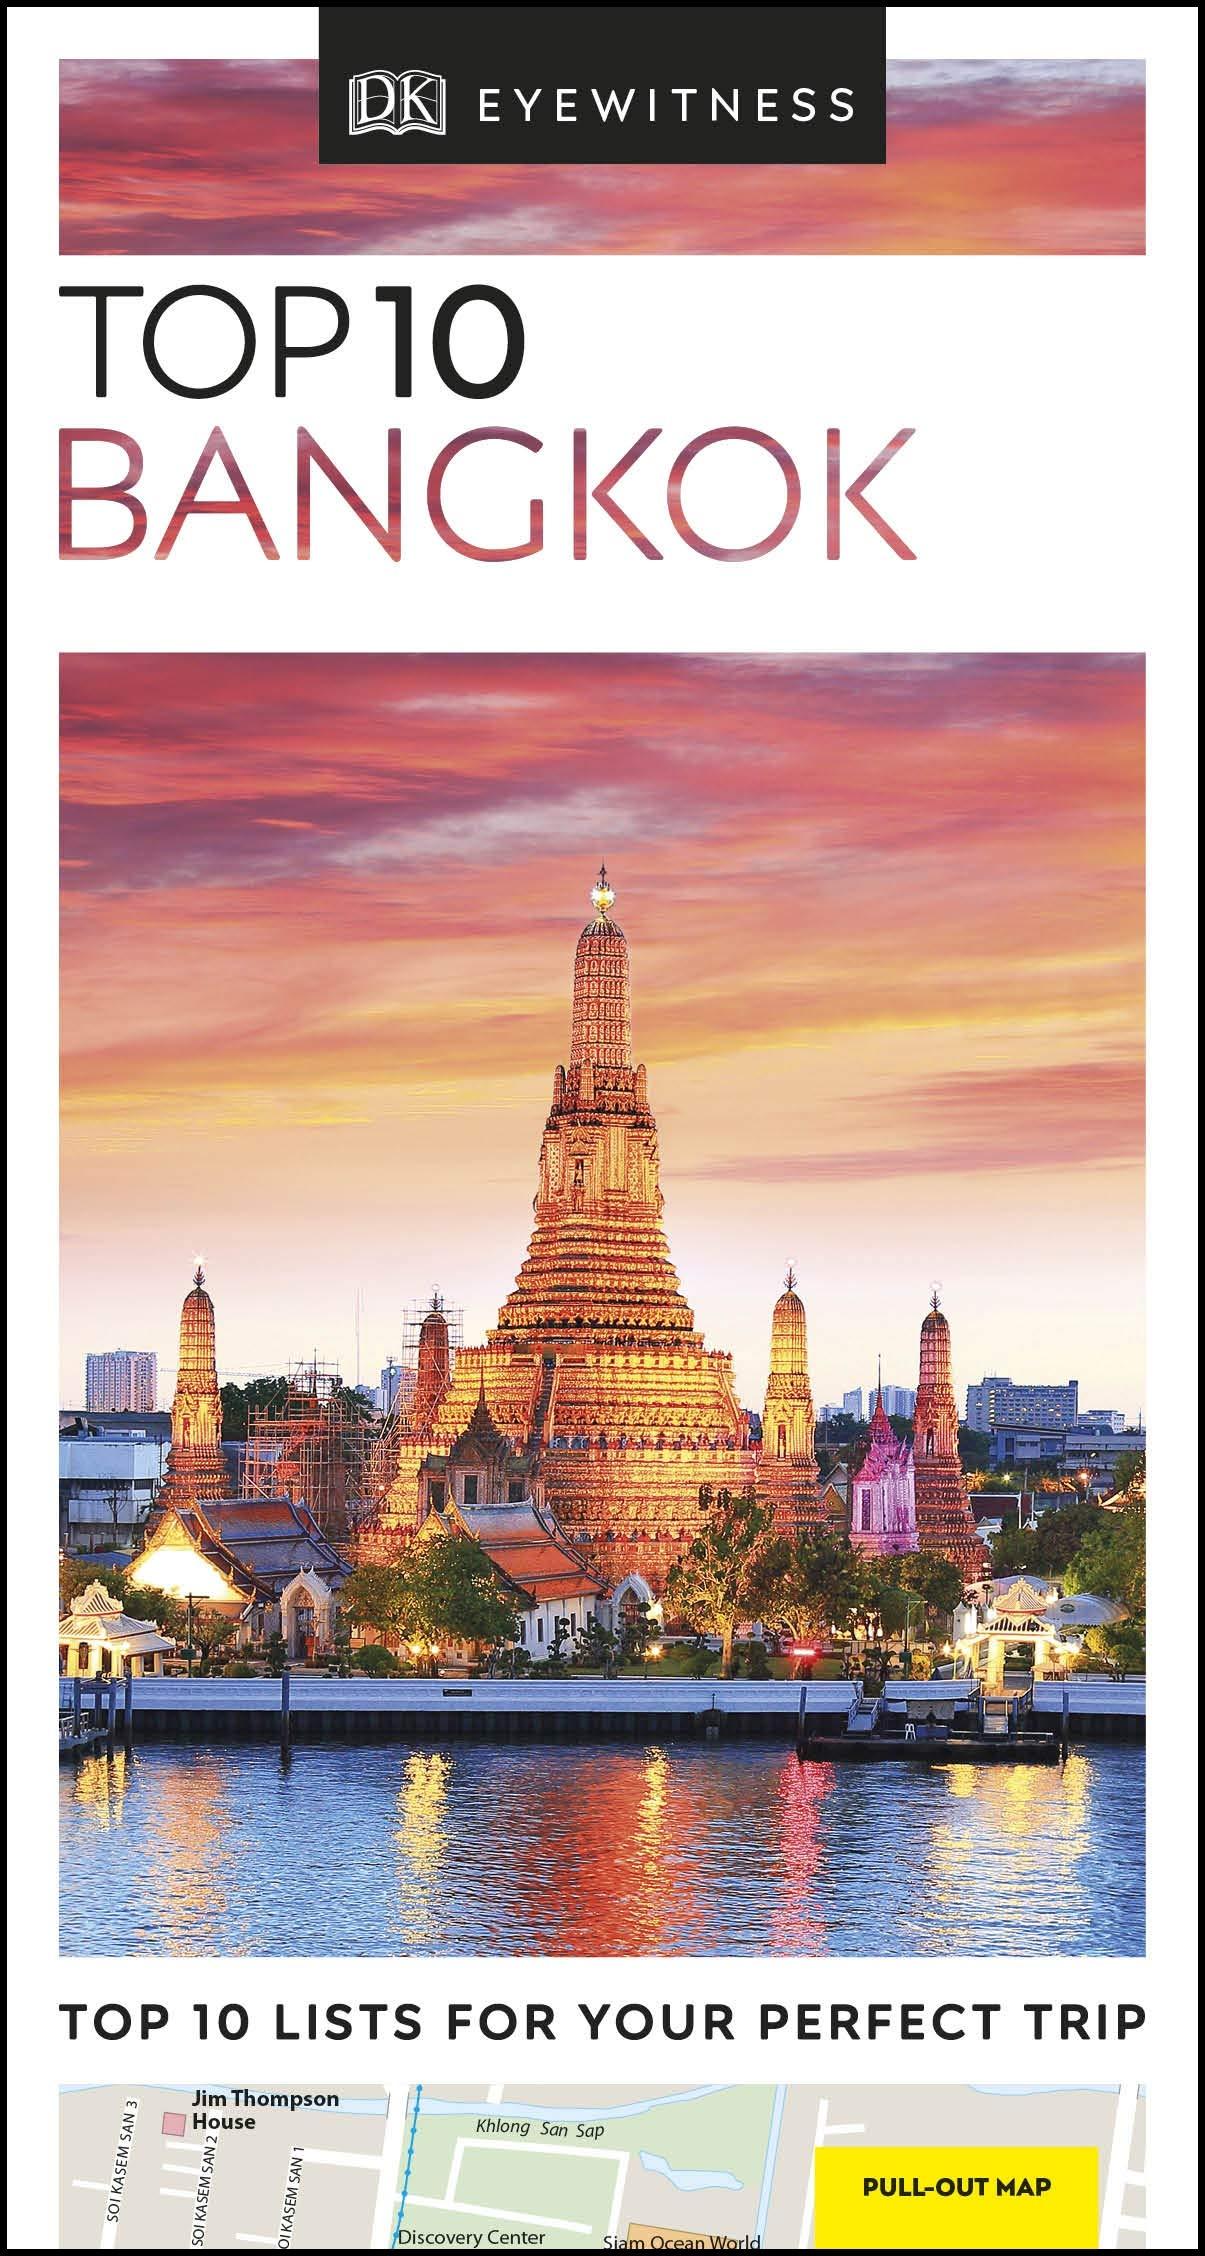 מדריך באנגלית DK בנגקוק